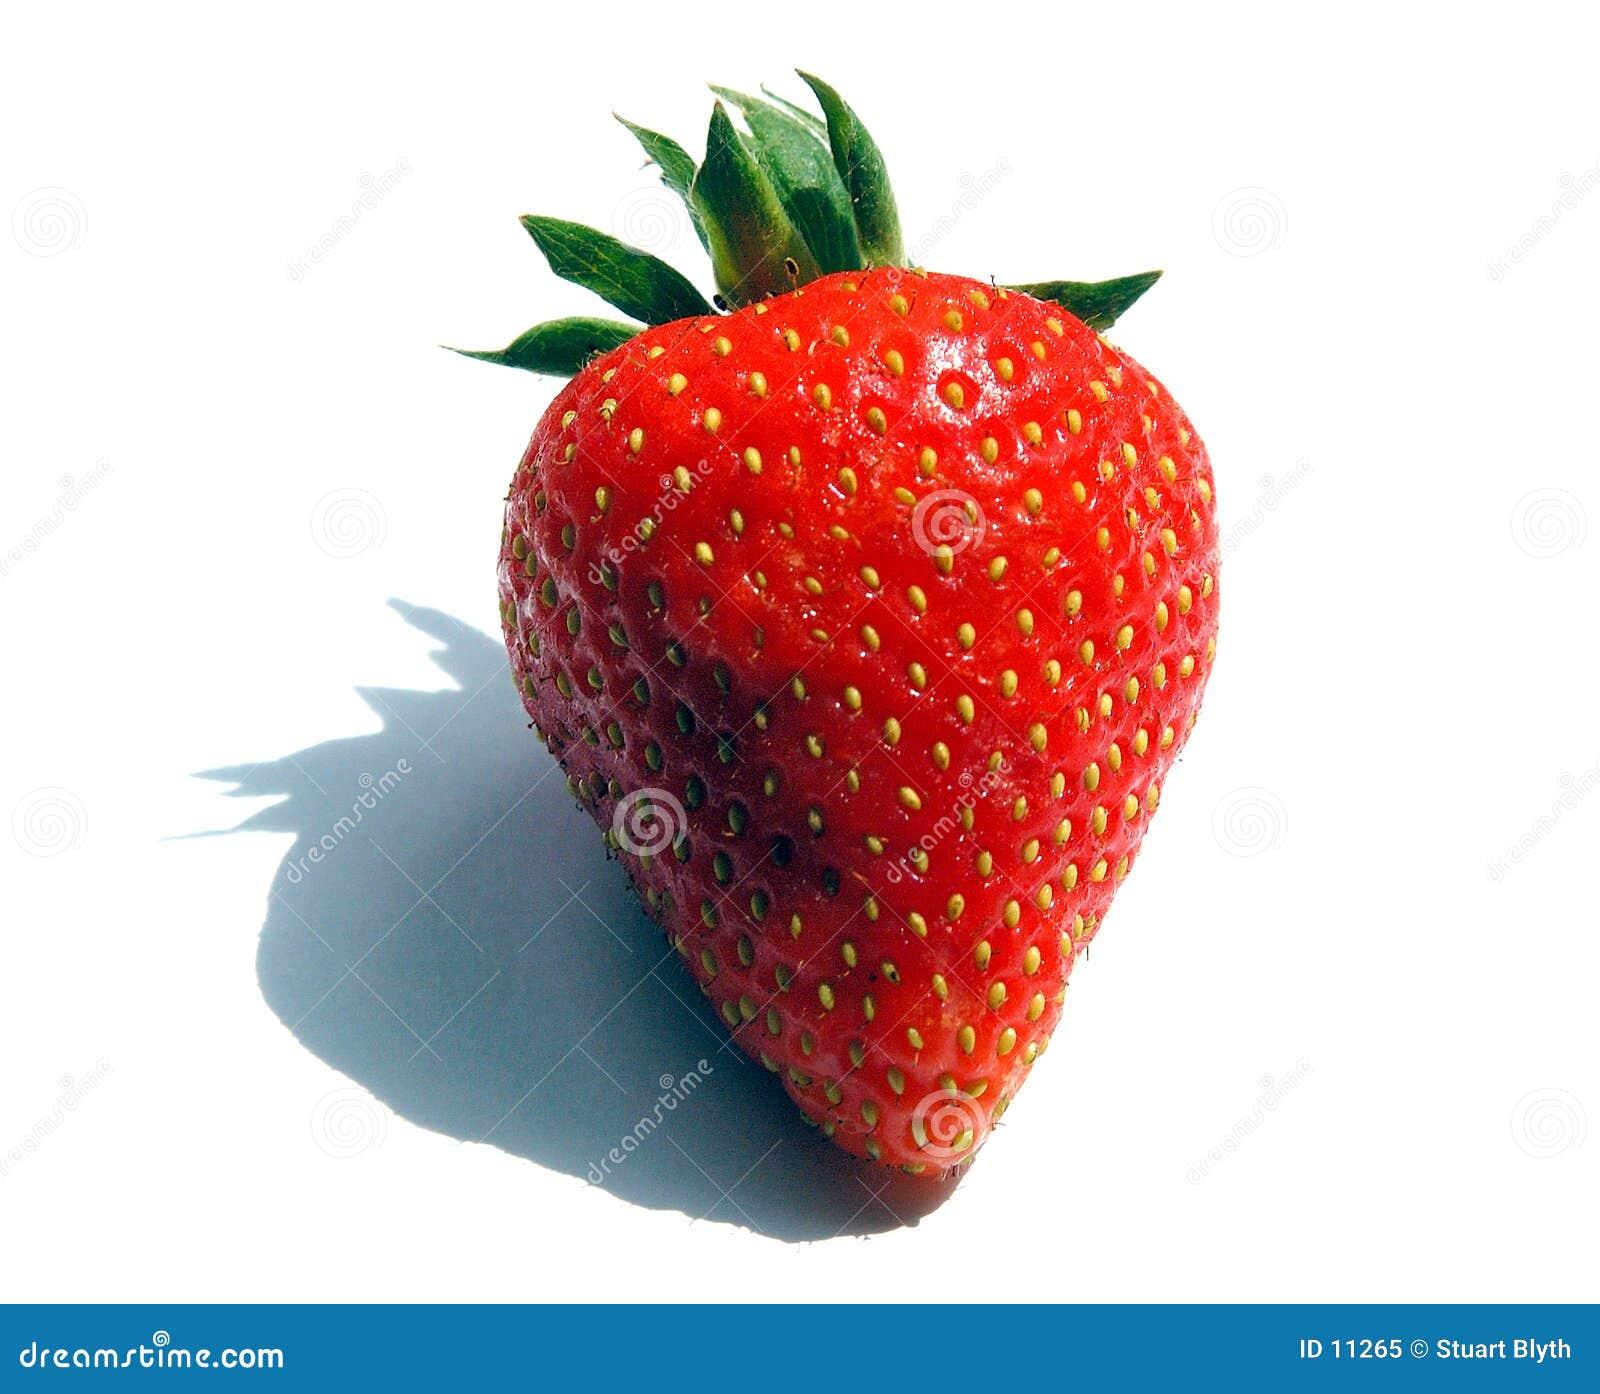 Letzte Erdbeere